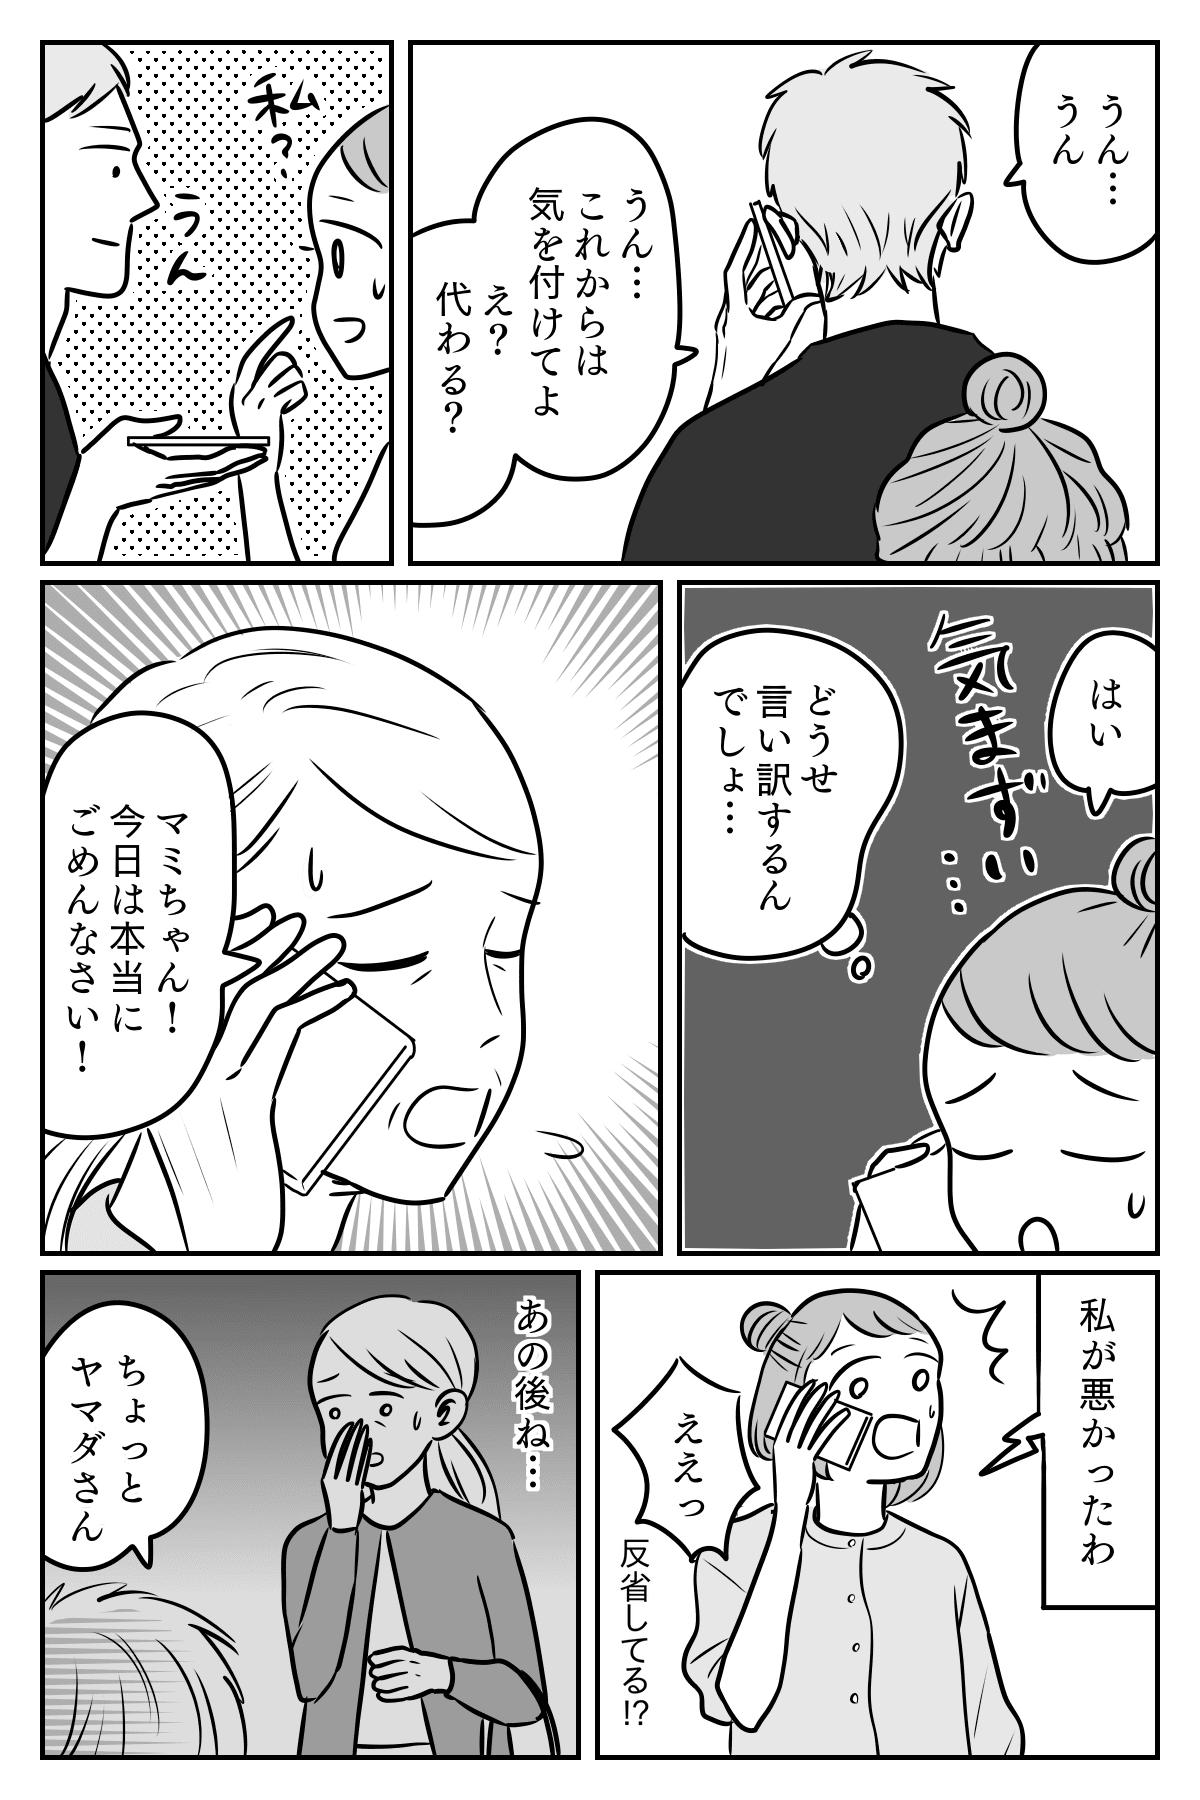 預からせて3-1 (1)